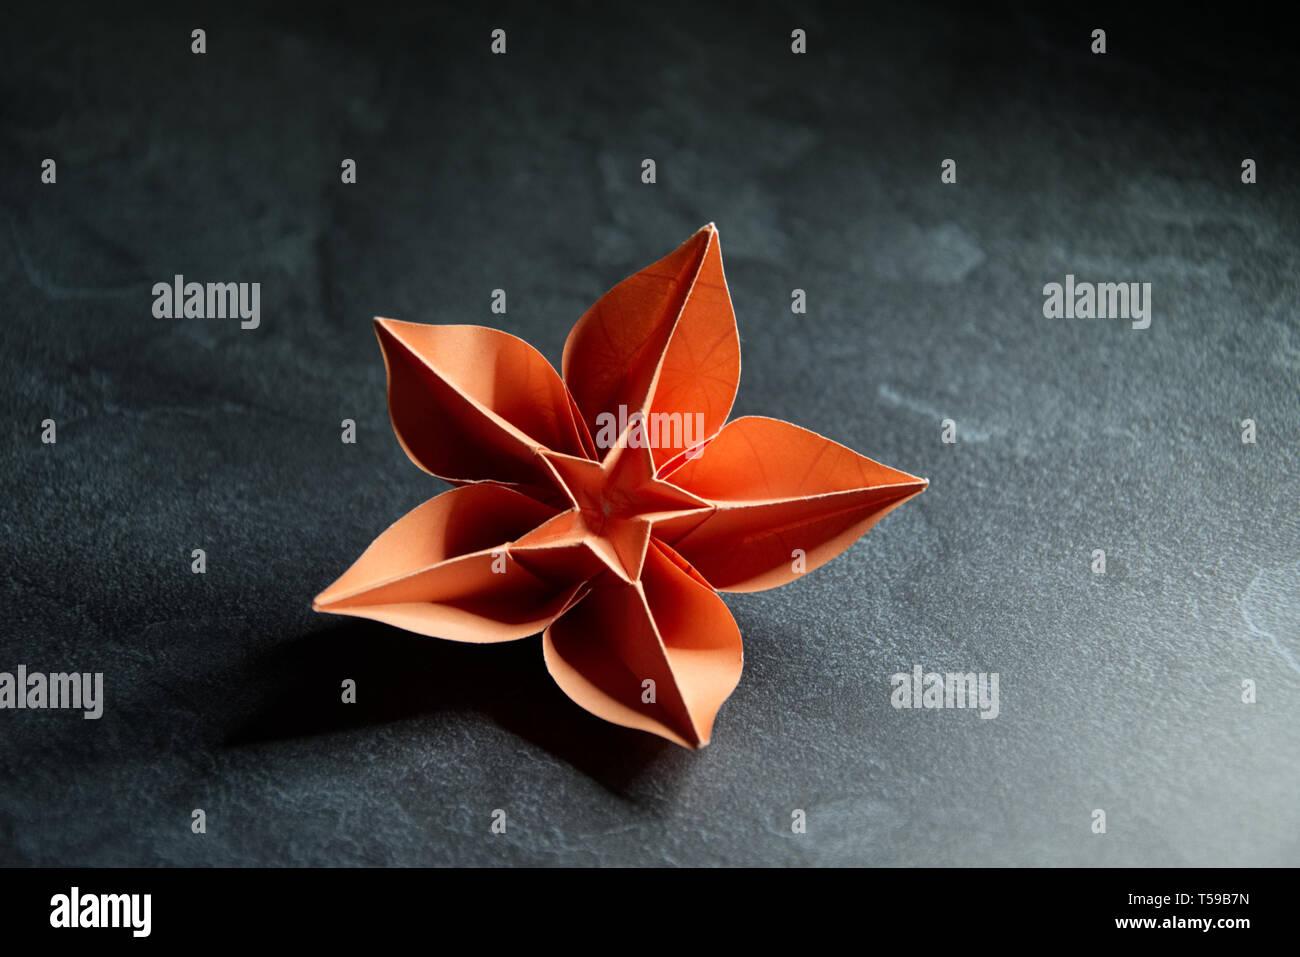 Origami Orchid Flower Blossom - Papier Kunst auf strukturierten Hintergrund Stockfoto